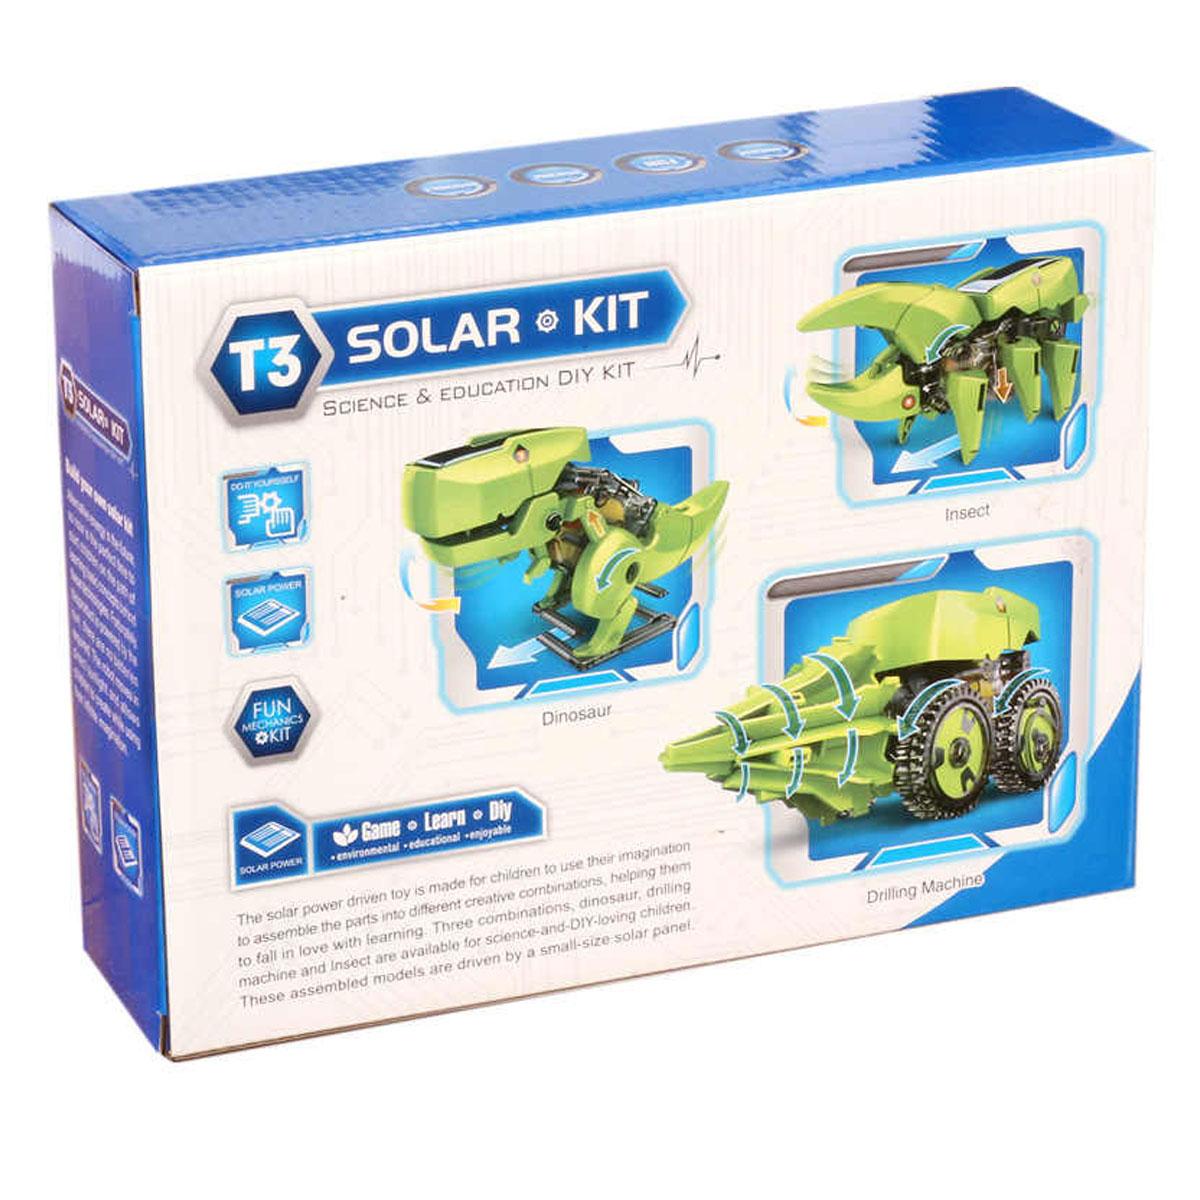 Kit Educacional Robô Dinossauro Solar T3 - 3 EM 1 - Fácil de Montar